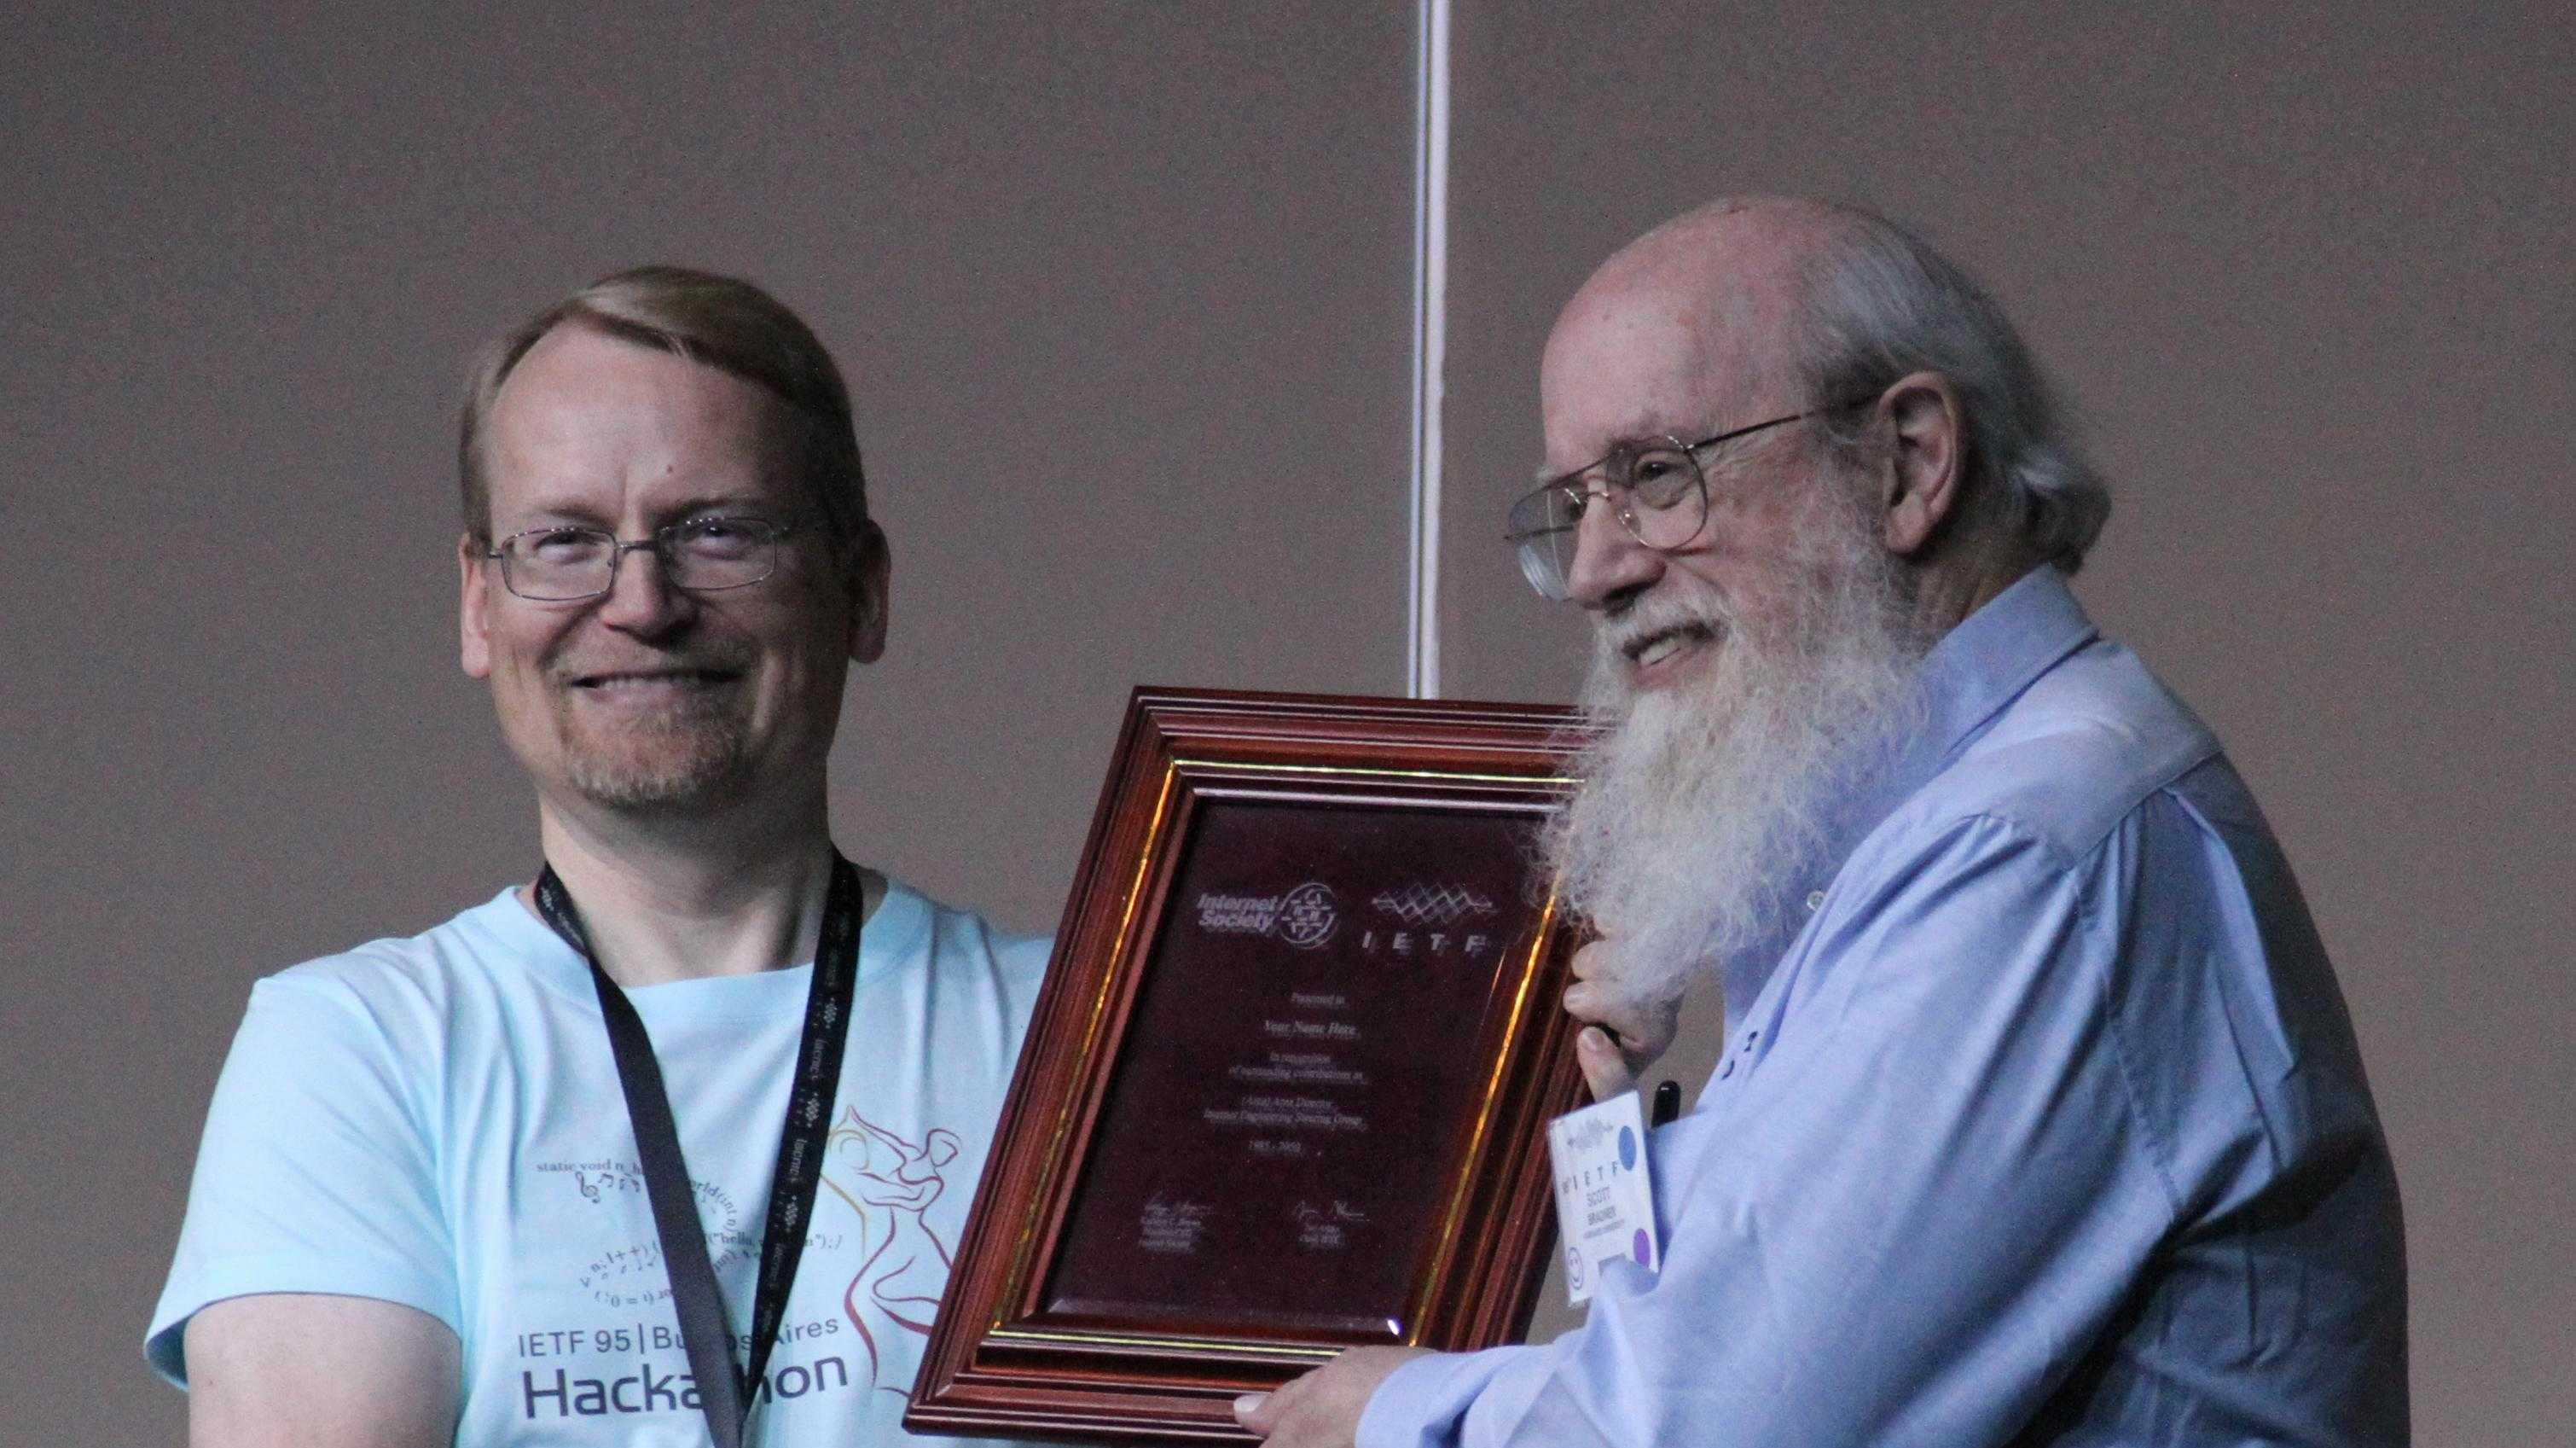 Wachwechsel in der IETF